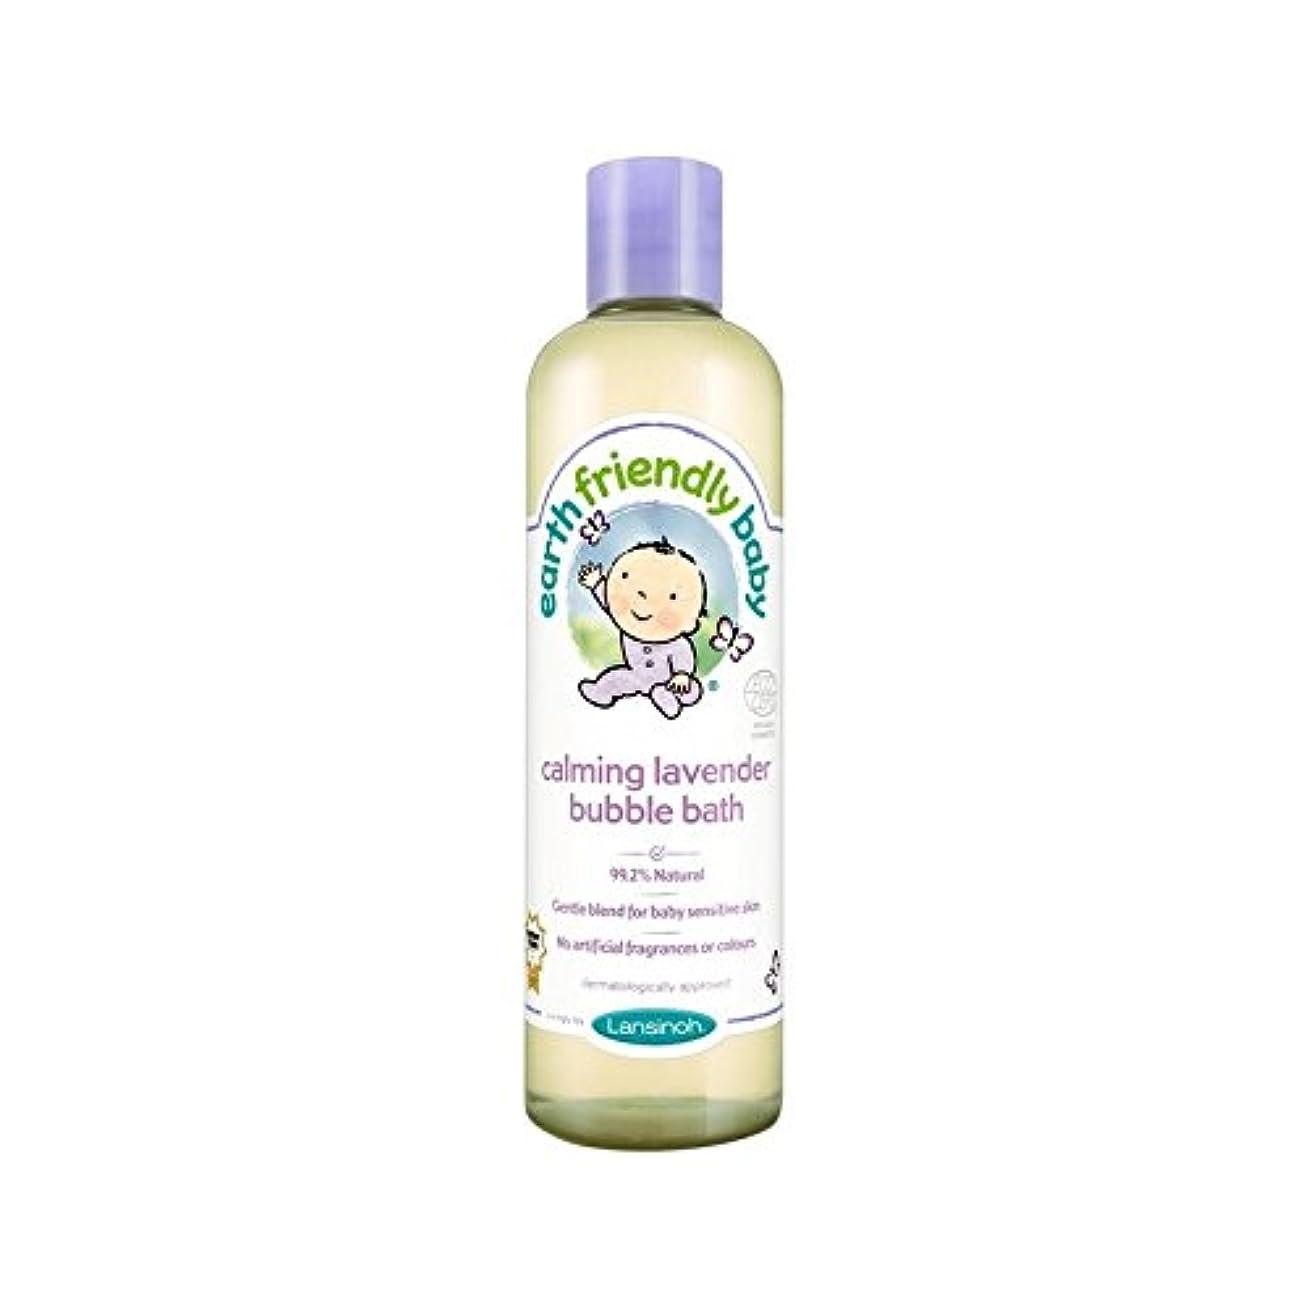 競争力のある無限貸す赤ちゃん沈静ラベンダー泡風呂のエコサートの300ミリリットル (Earth Friendly) (x 6) - Earth Friendly Baby Calming Lavender Bubble Bath ECOCERT 300ml (Pack of 6) [並行輸入品]